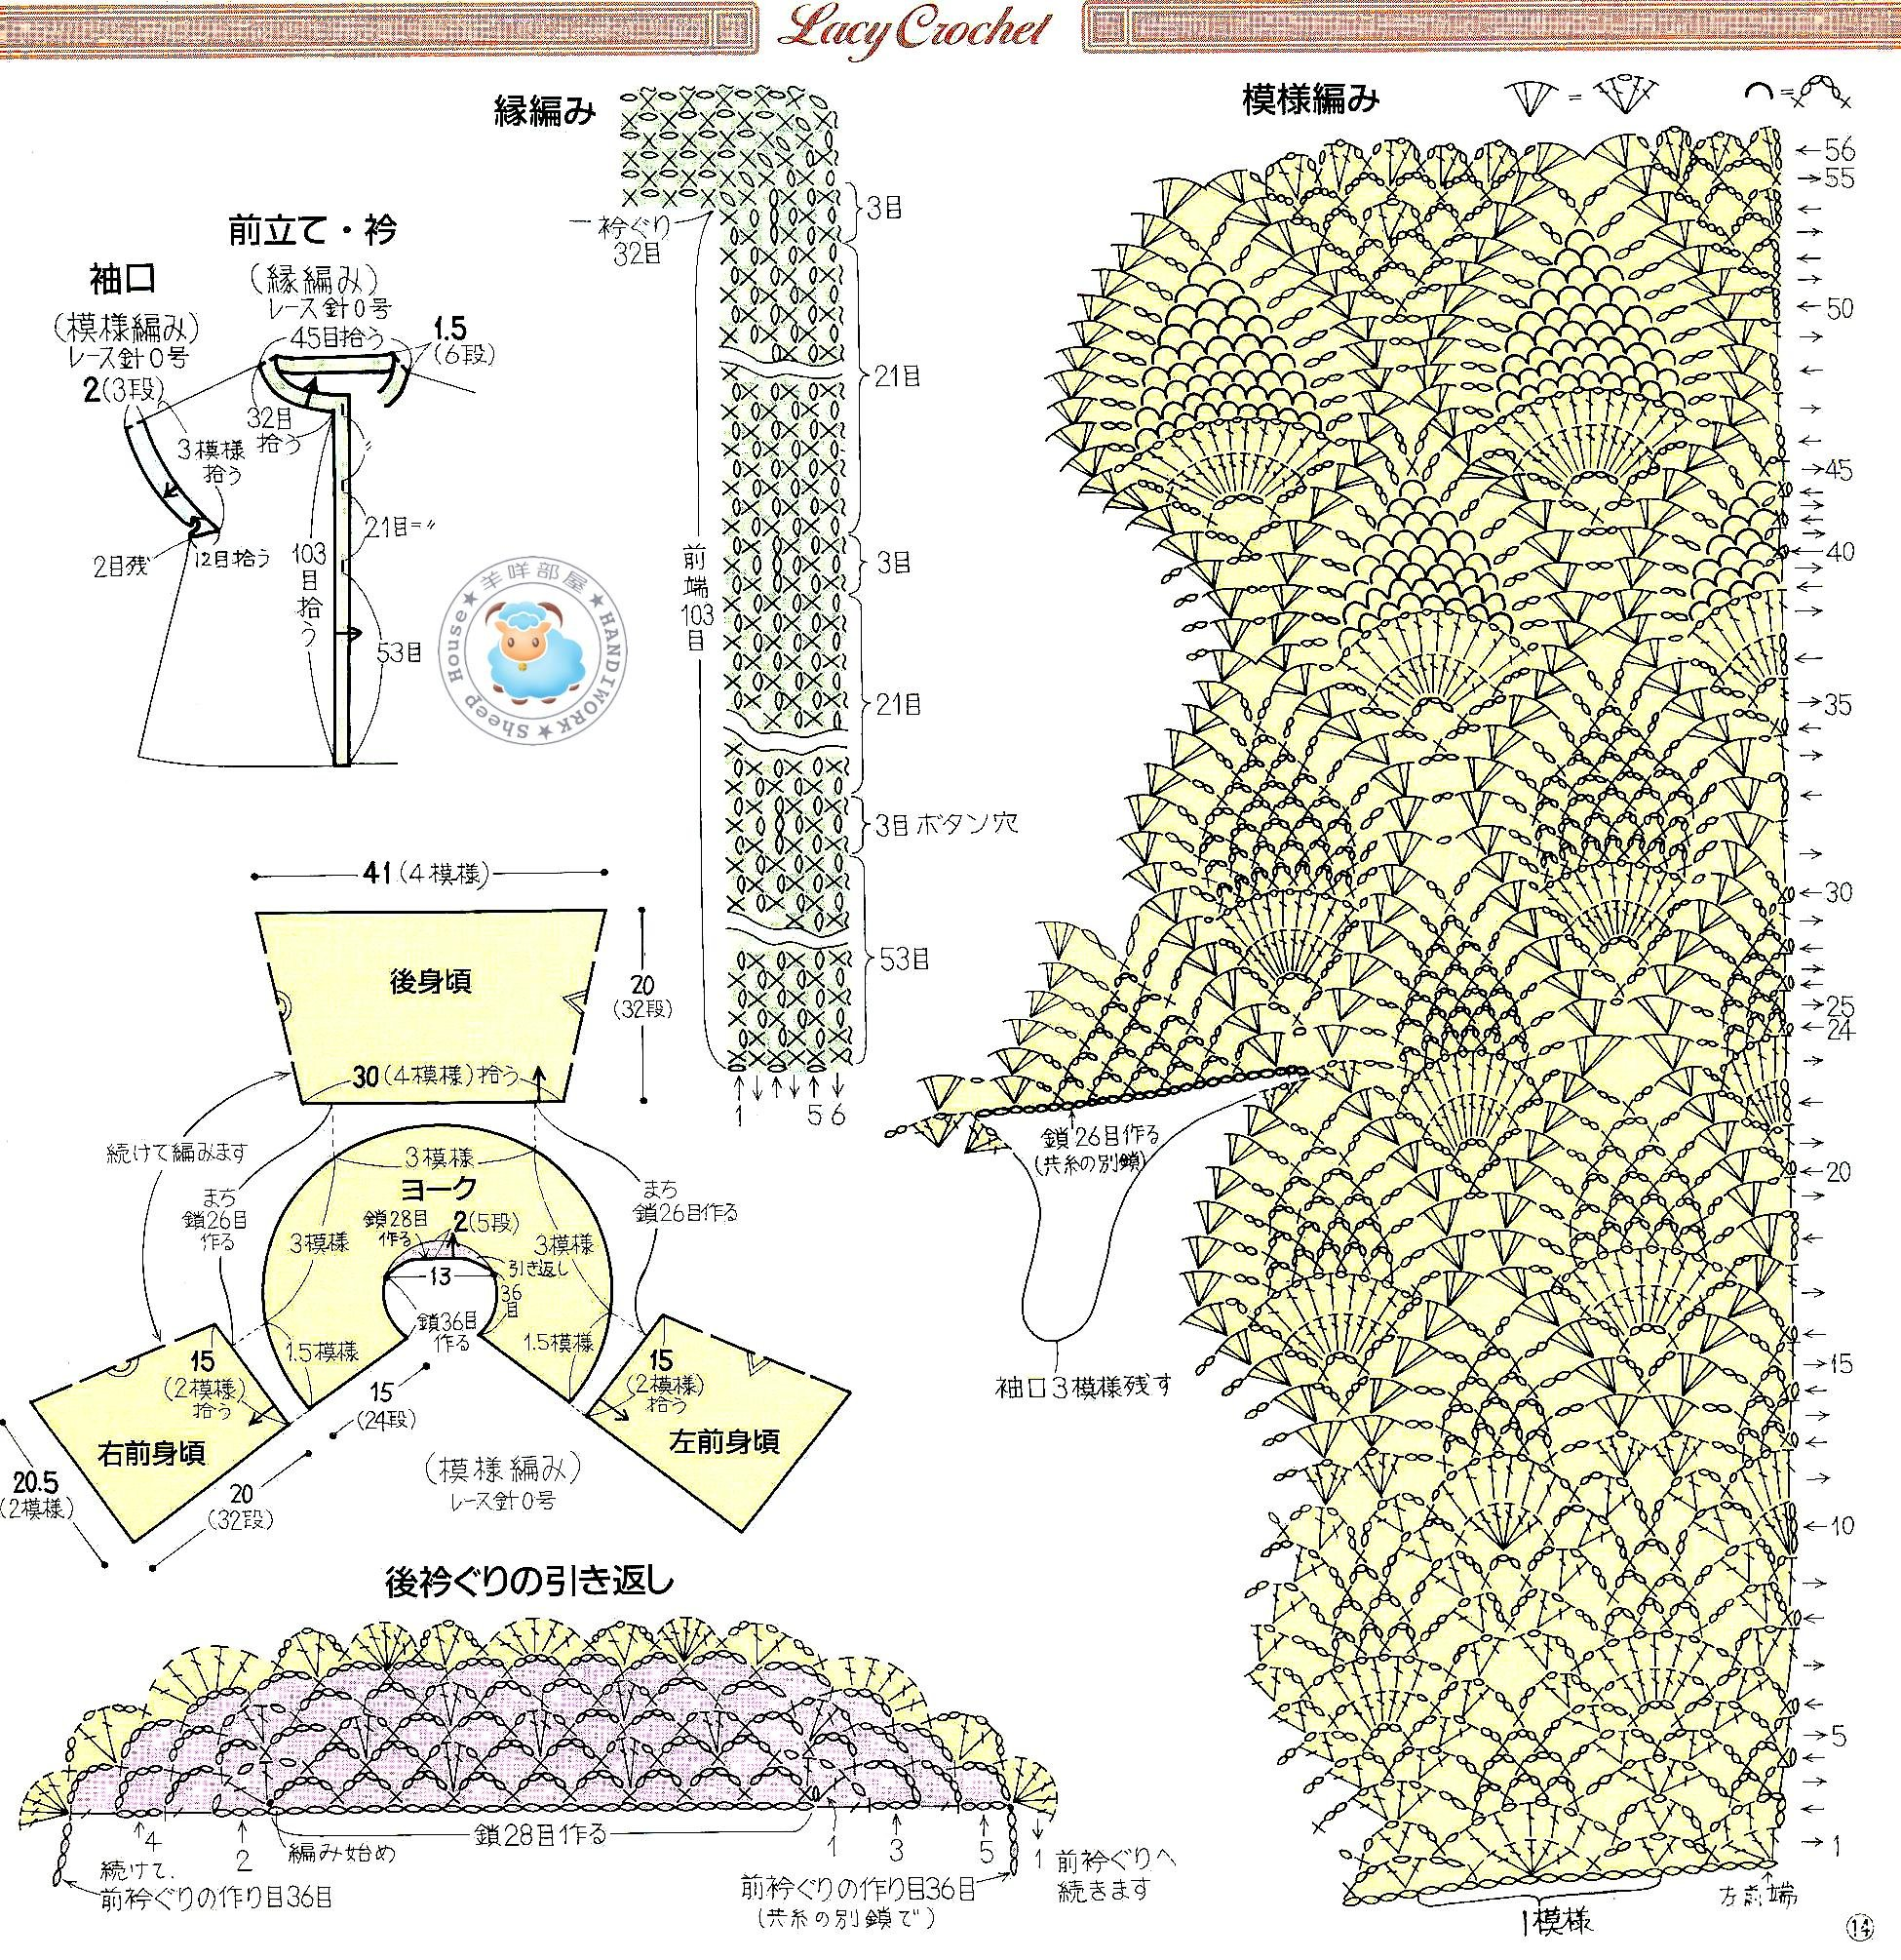 鳳梨花樣短袖開襟上衣--1 (1).jpg